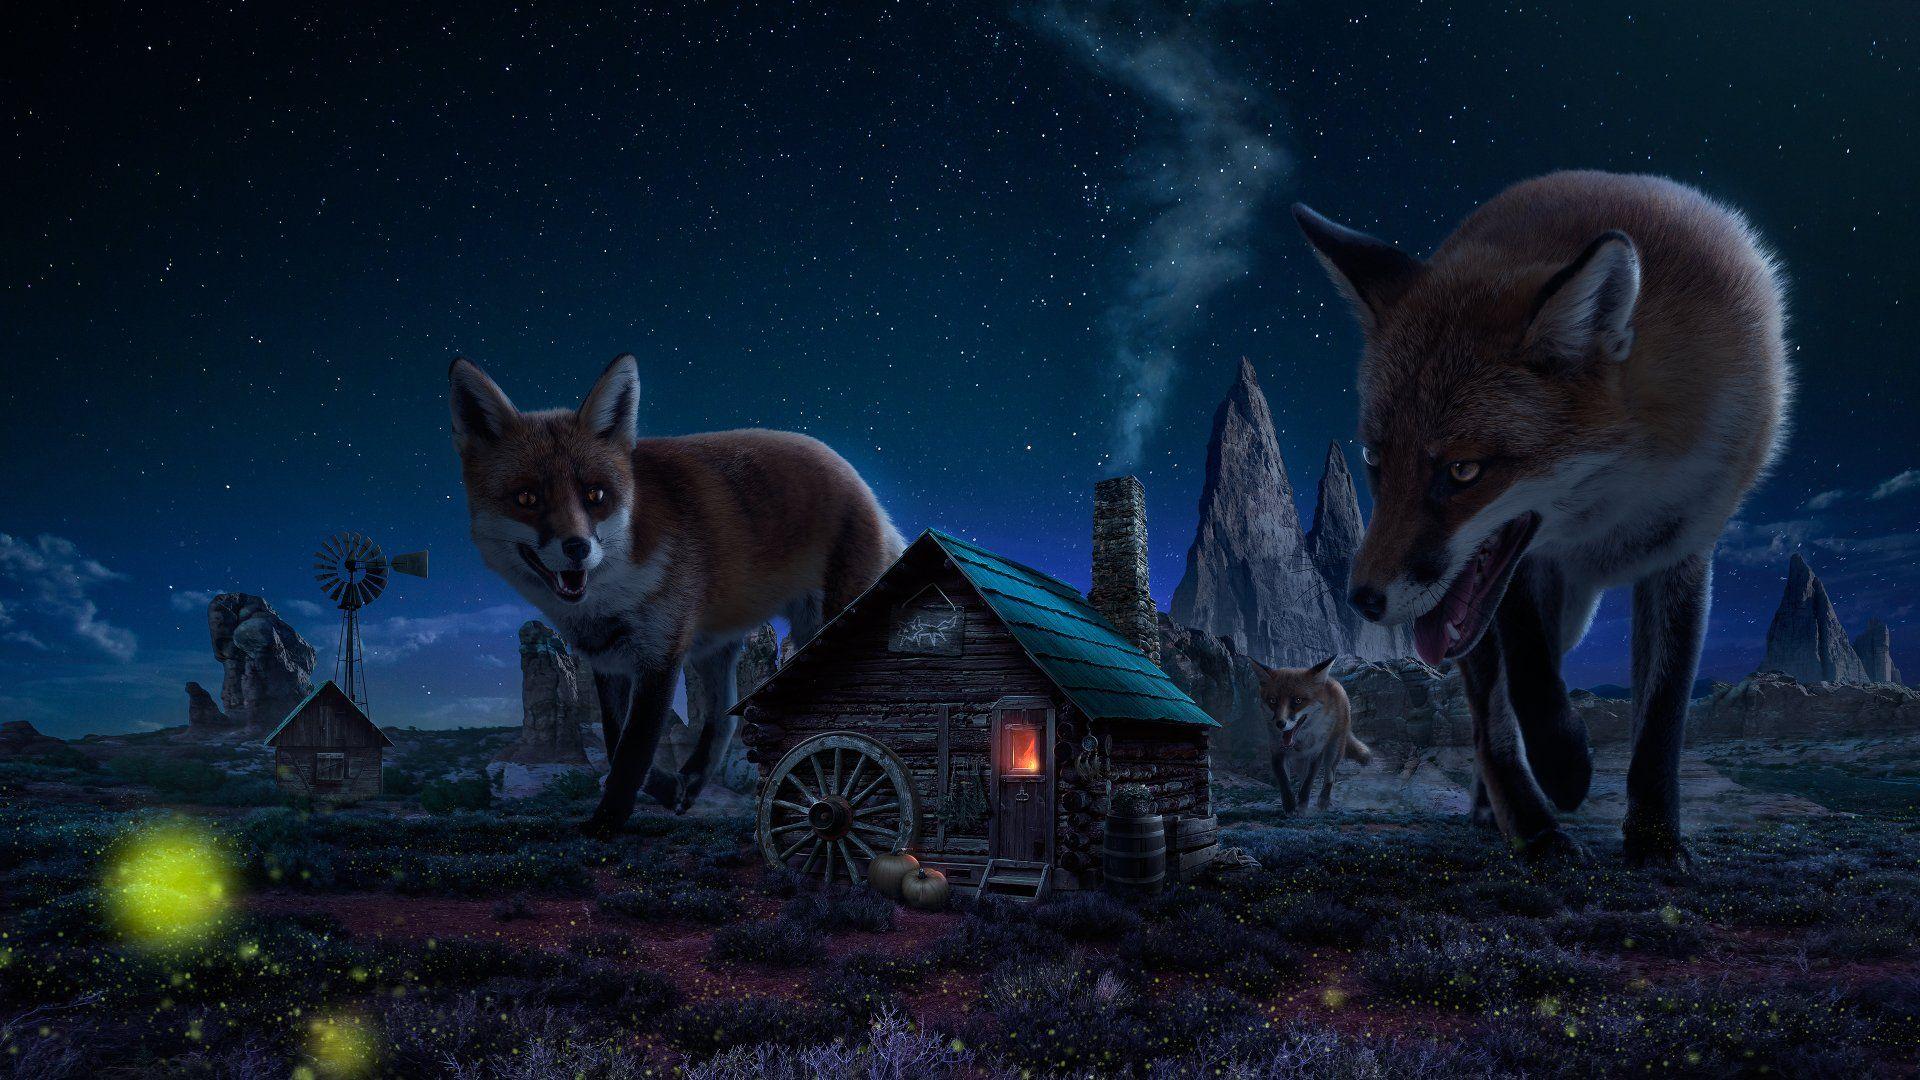 Fantasy Animal  Fox Night Wallpaper